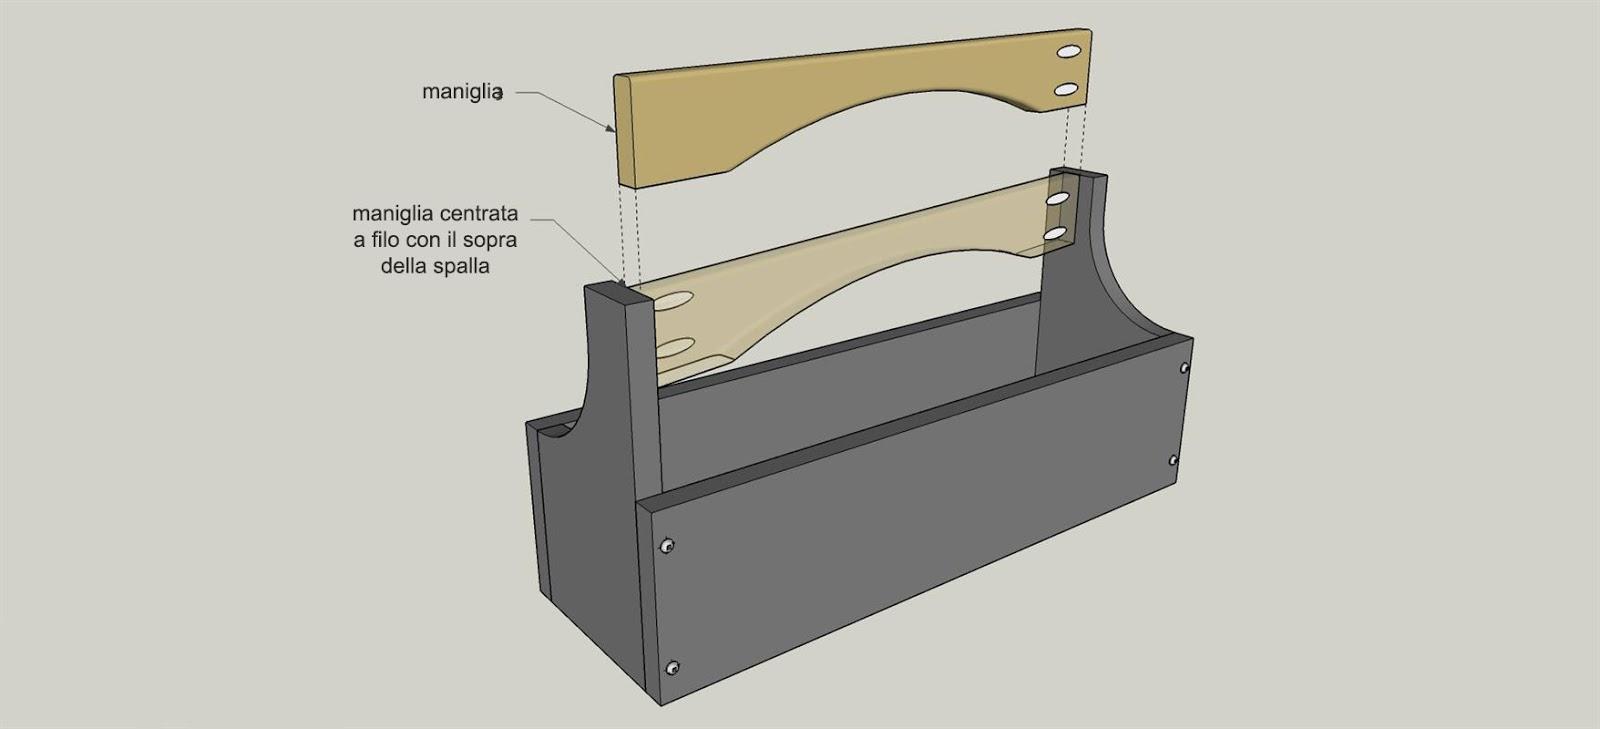 pietro maker artigiano 2.0 fai da te video tutorial hobby bricolage